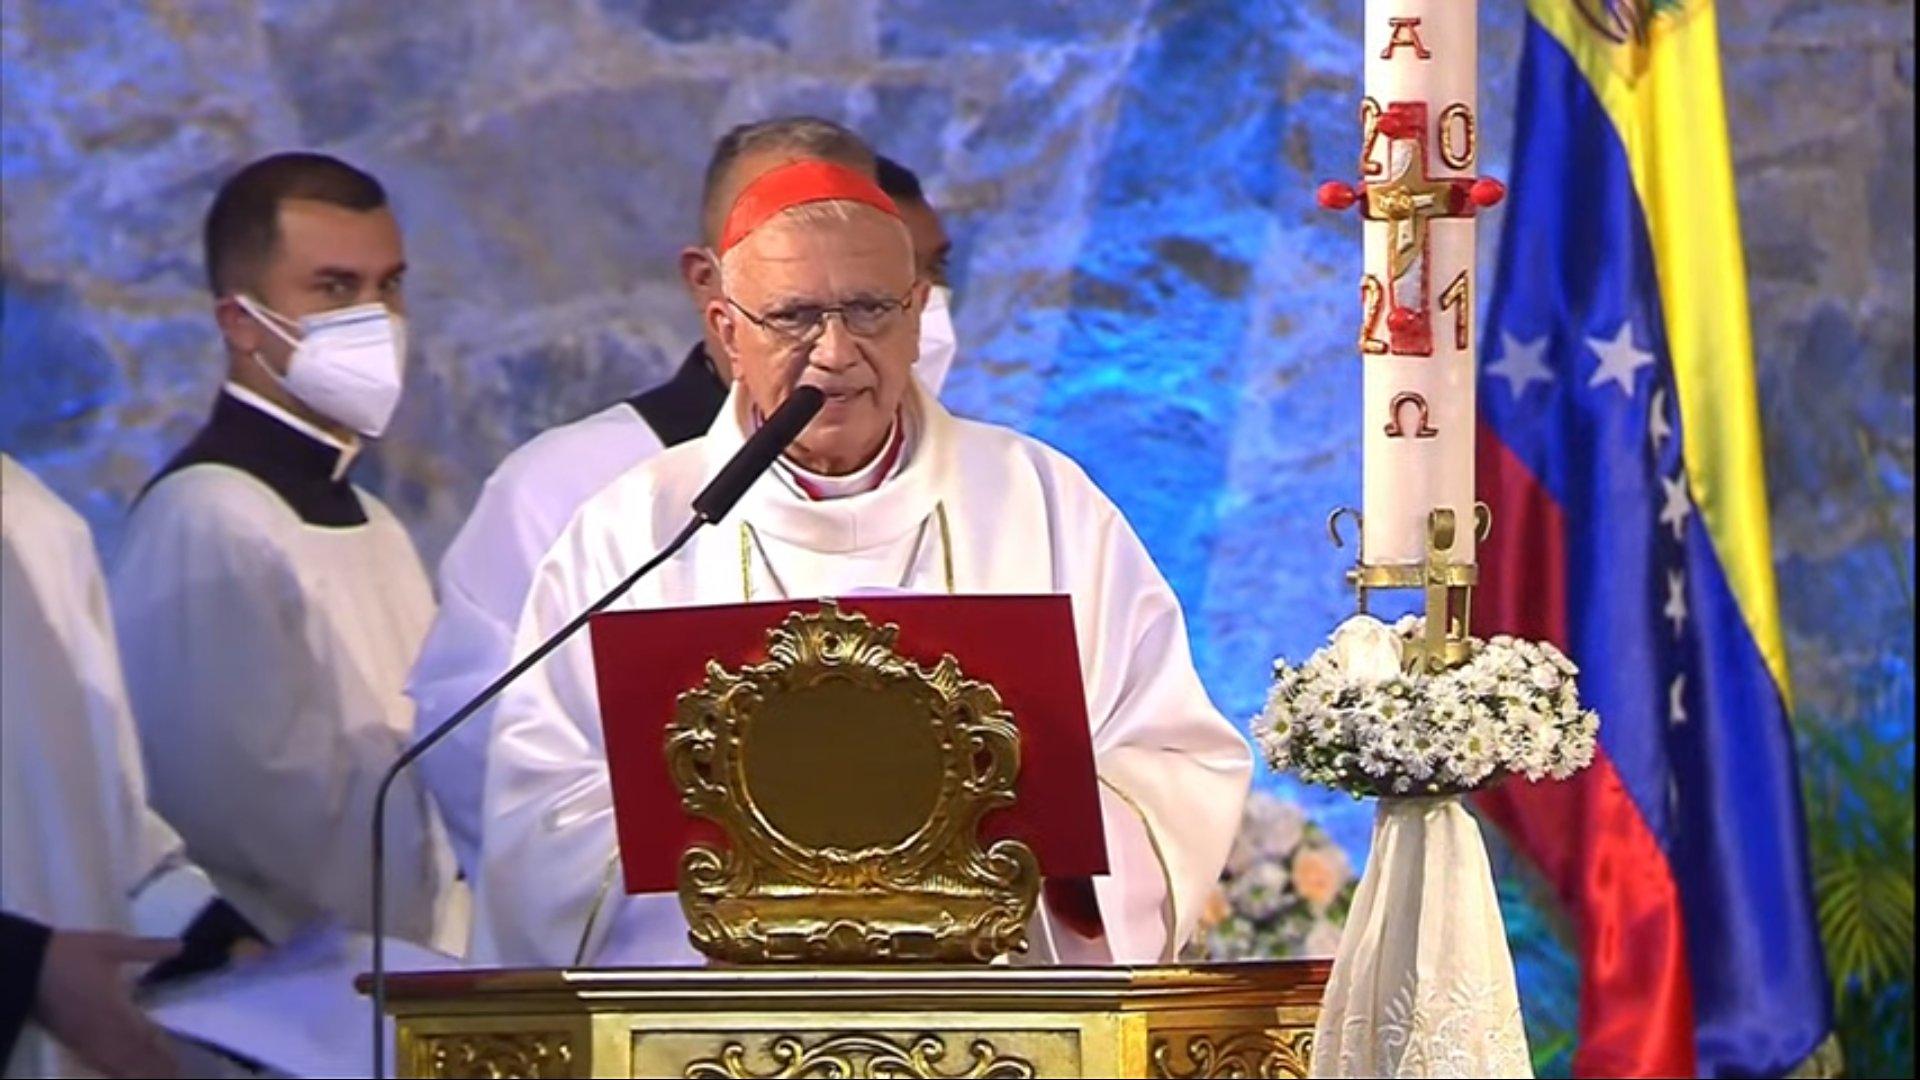 Beatificado José Gregorio Hernández - Beatificado José Gregorio Hernández